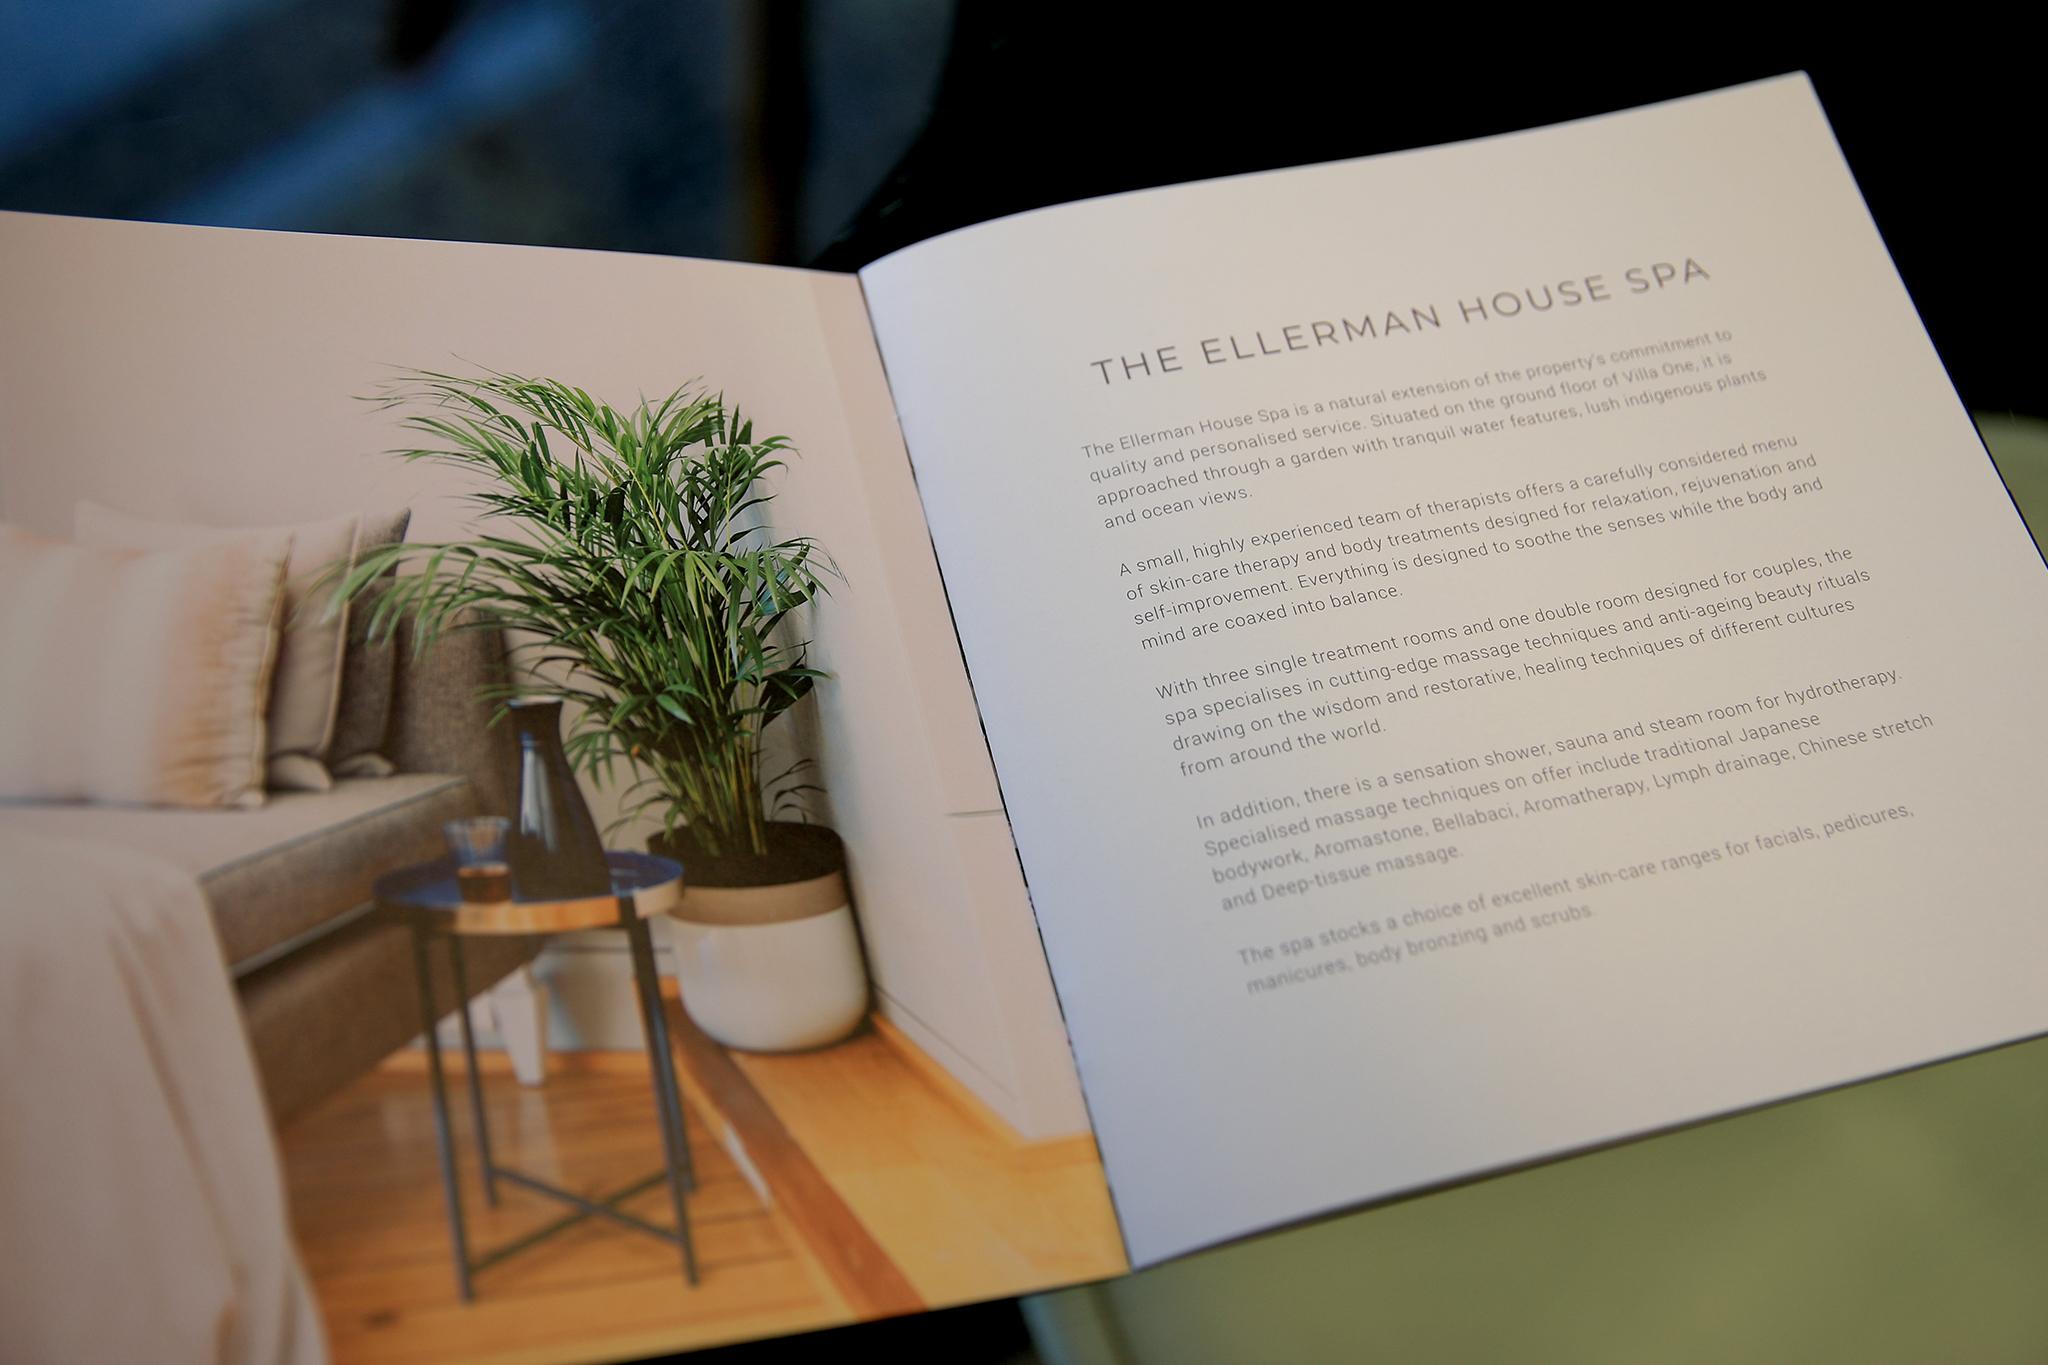 ellerman-house-spa-brochure-3.jpg